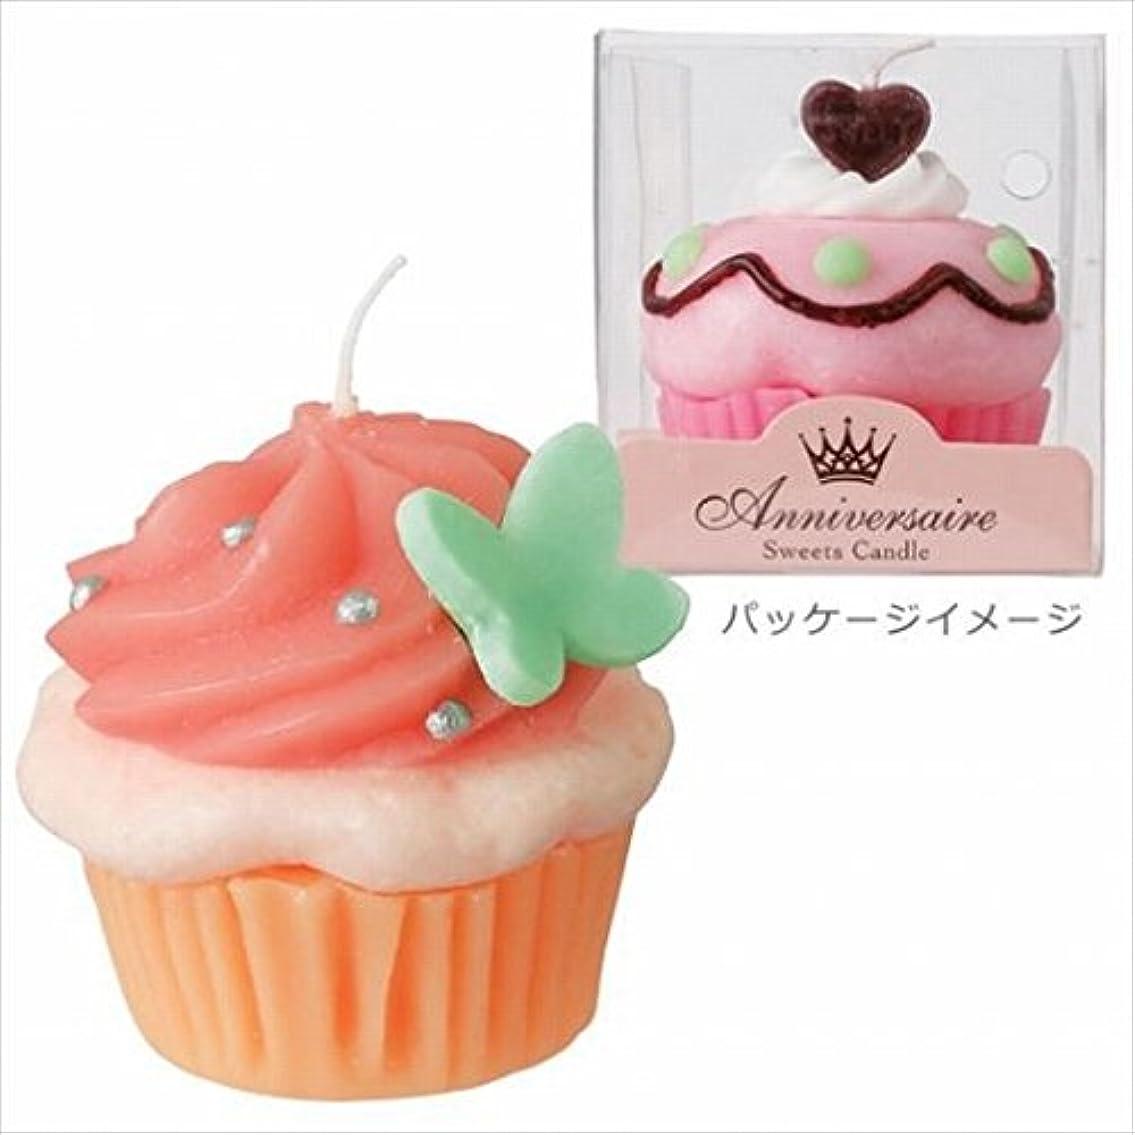 言語欲求不満首尾一貫したカメヤマキャンドル( kameyama candle ) カップケーキキャンドル 「 ホイップベリー 」